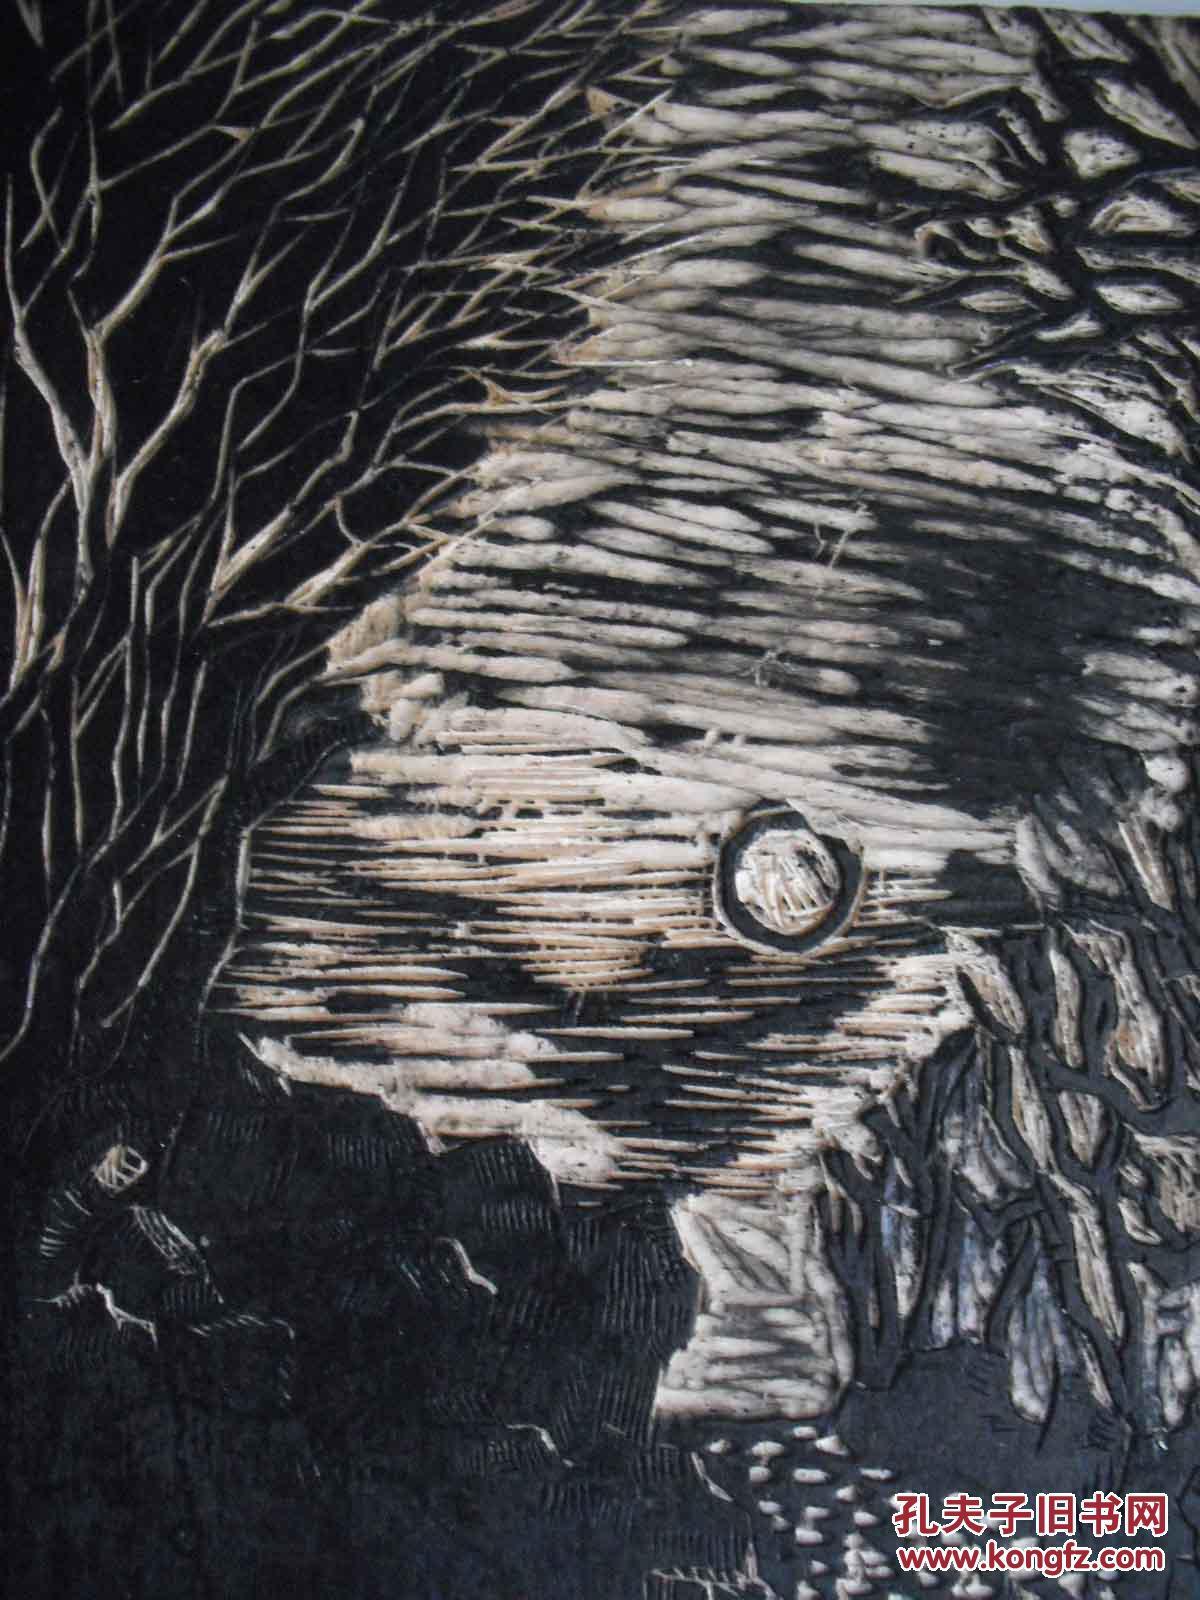 黑白木刻版画 原版(底版) 明月和树丛图片